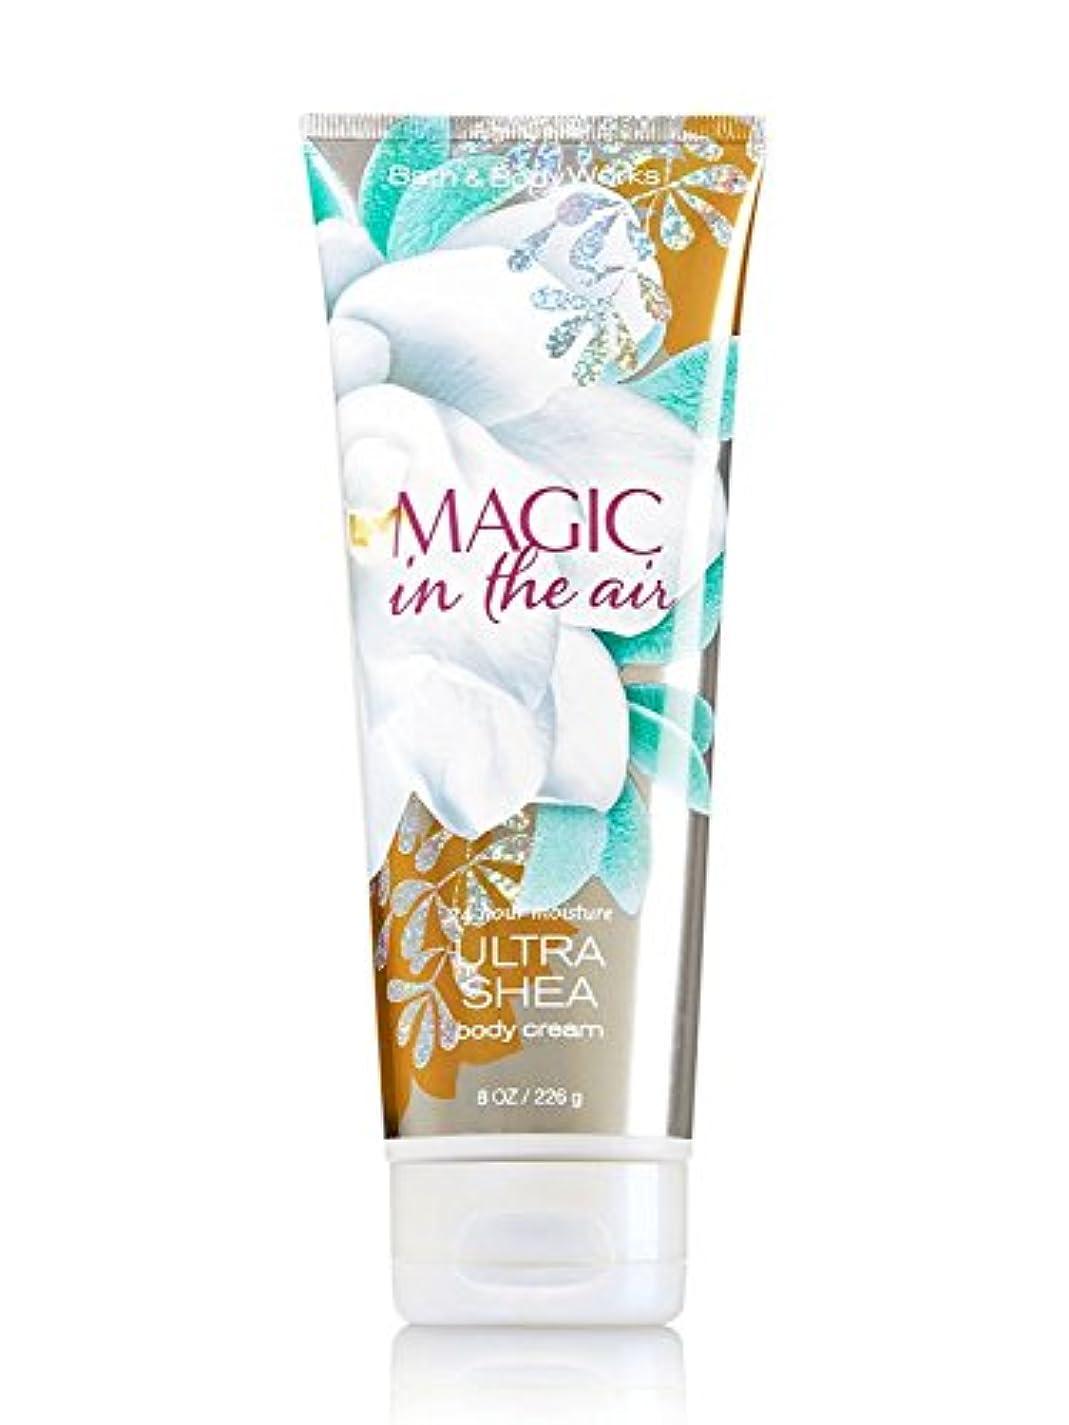 バス&ボディワークス マジック イン ジ エア ボディクリーム Magic in the Air Body Cream